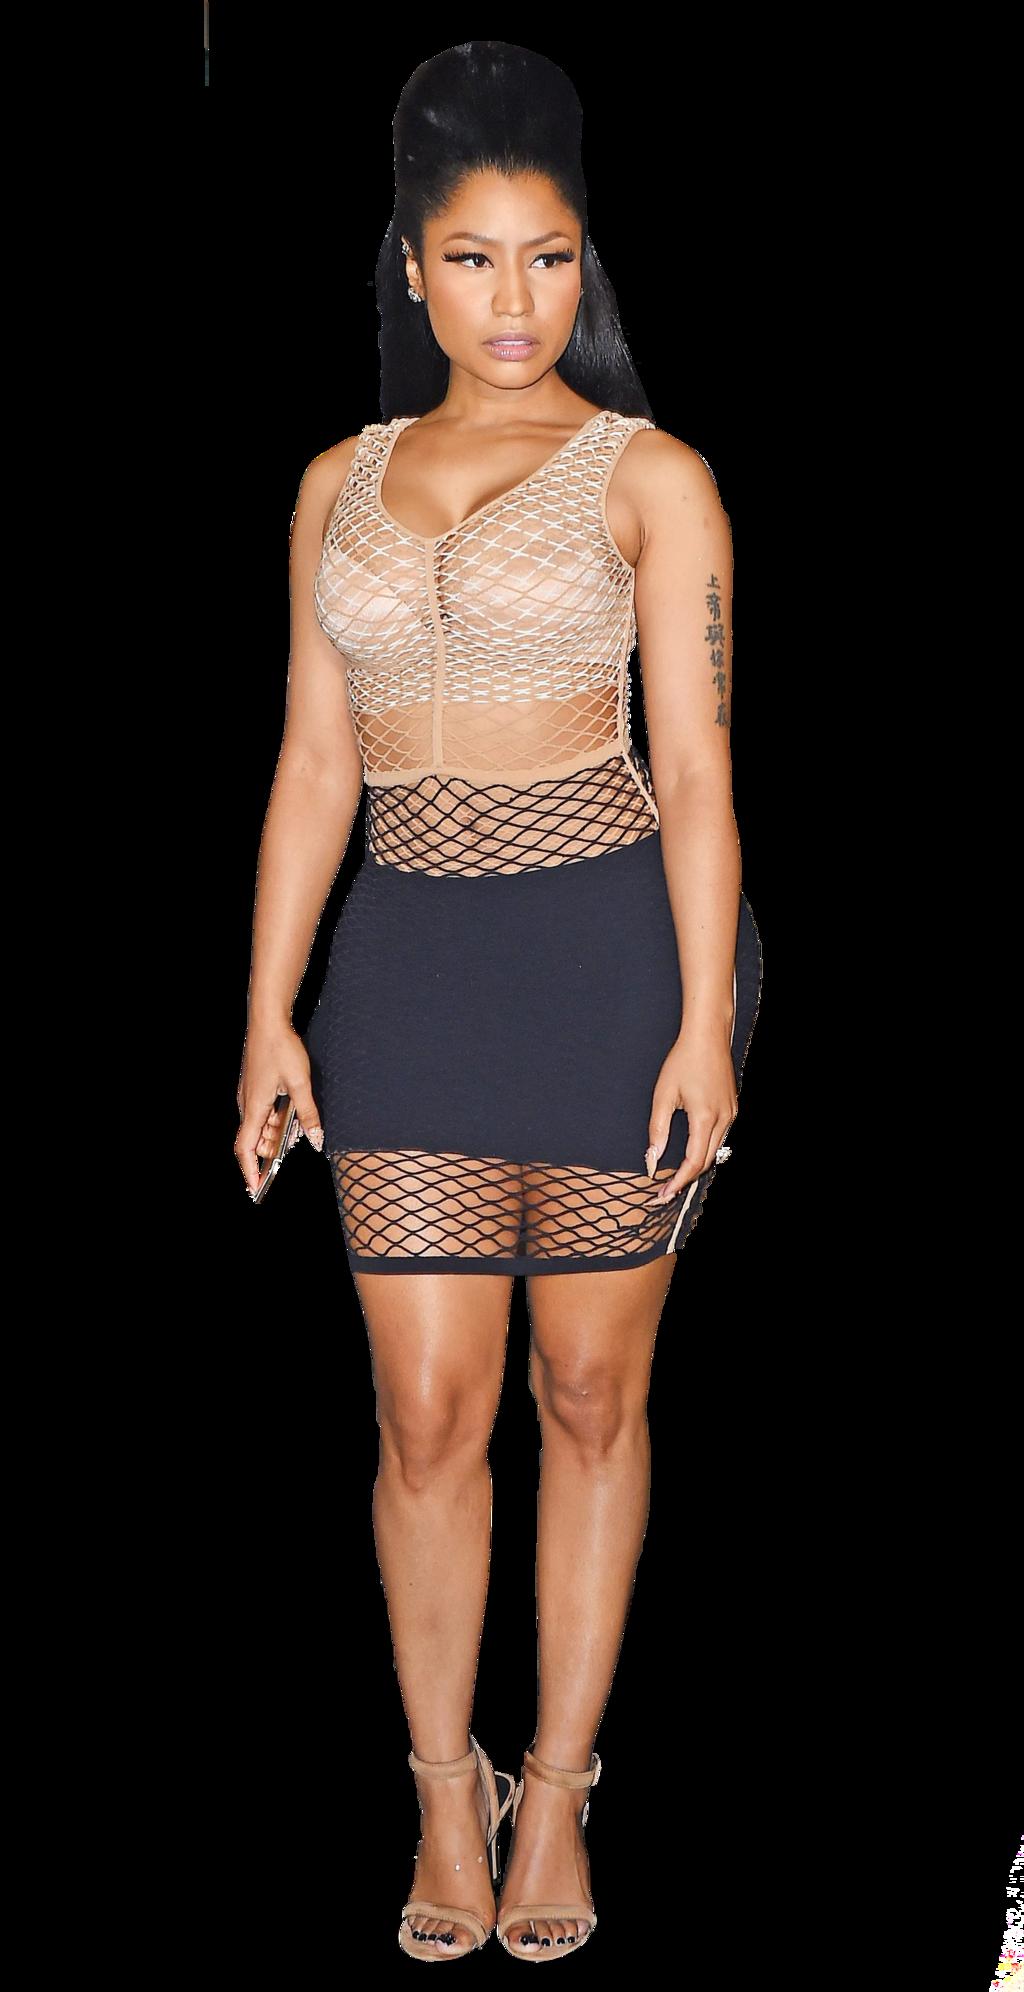 Nicki Minaj clipart #10, Download drawings